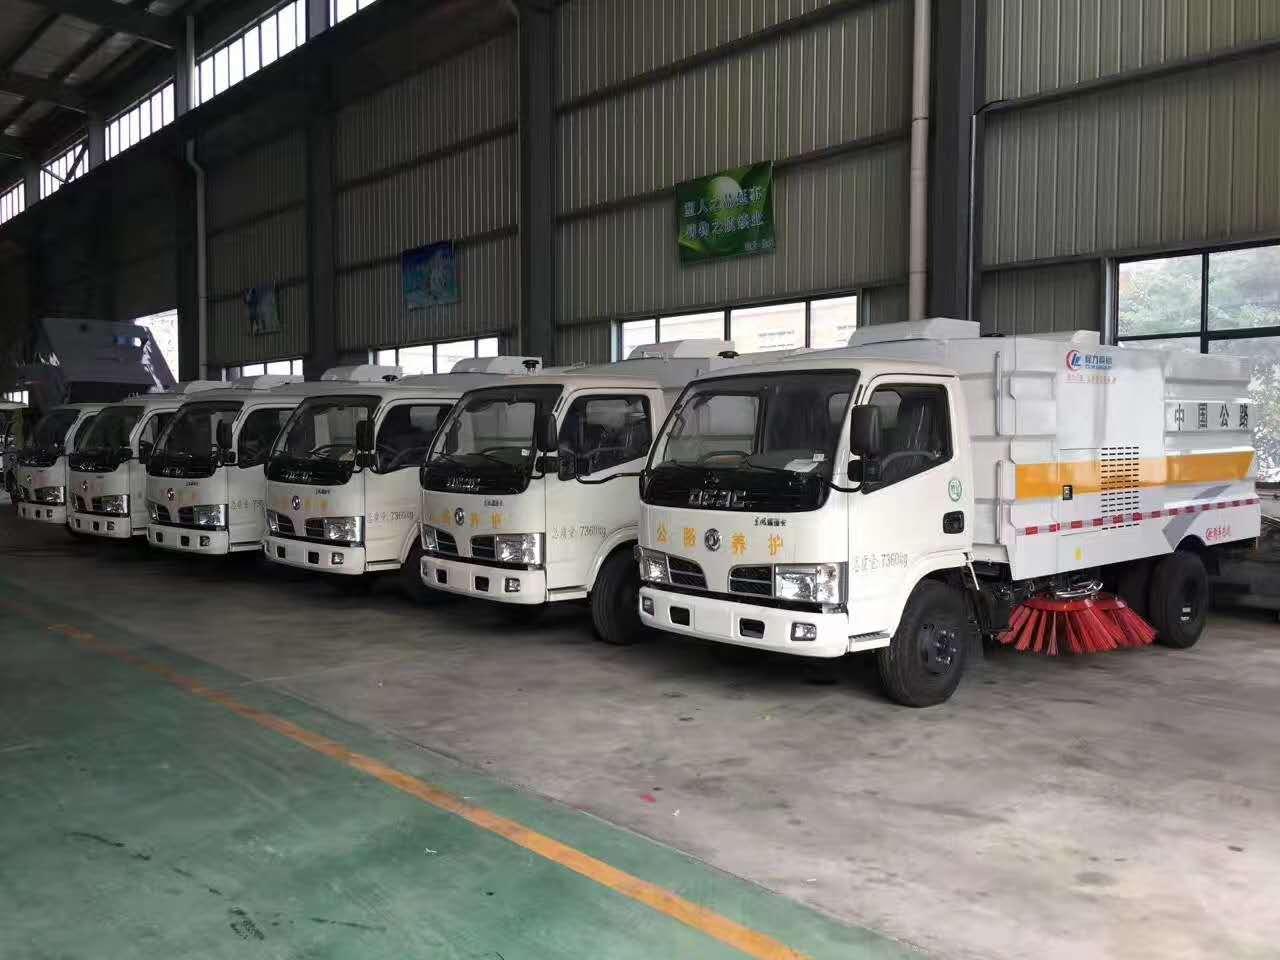 6臺東風3噸掃路車發車啦,感謝客戶信任圖片